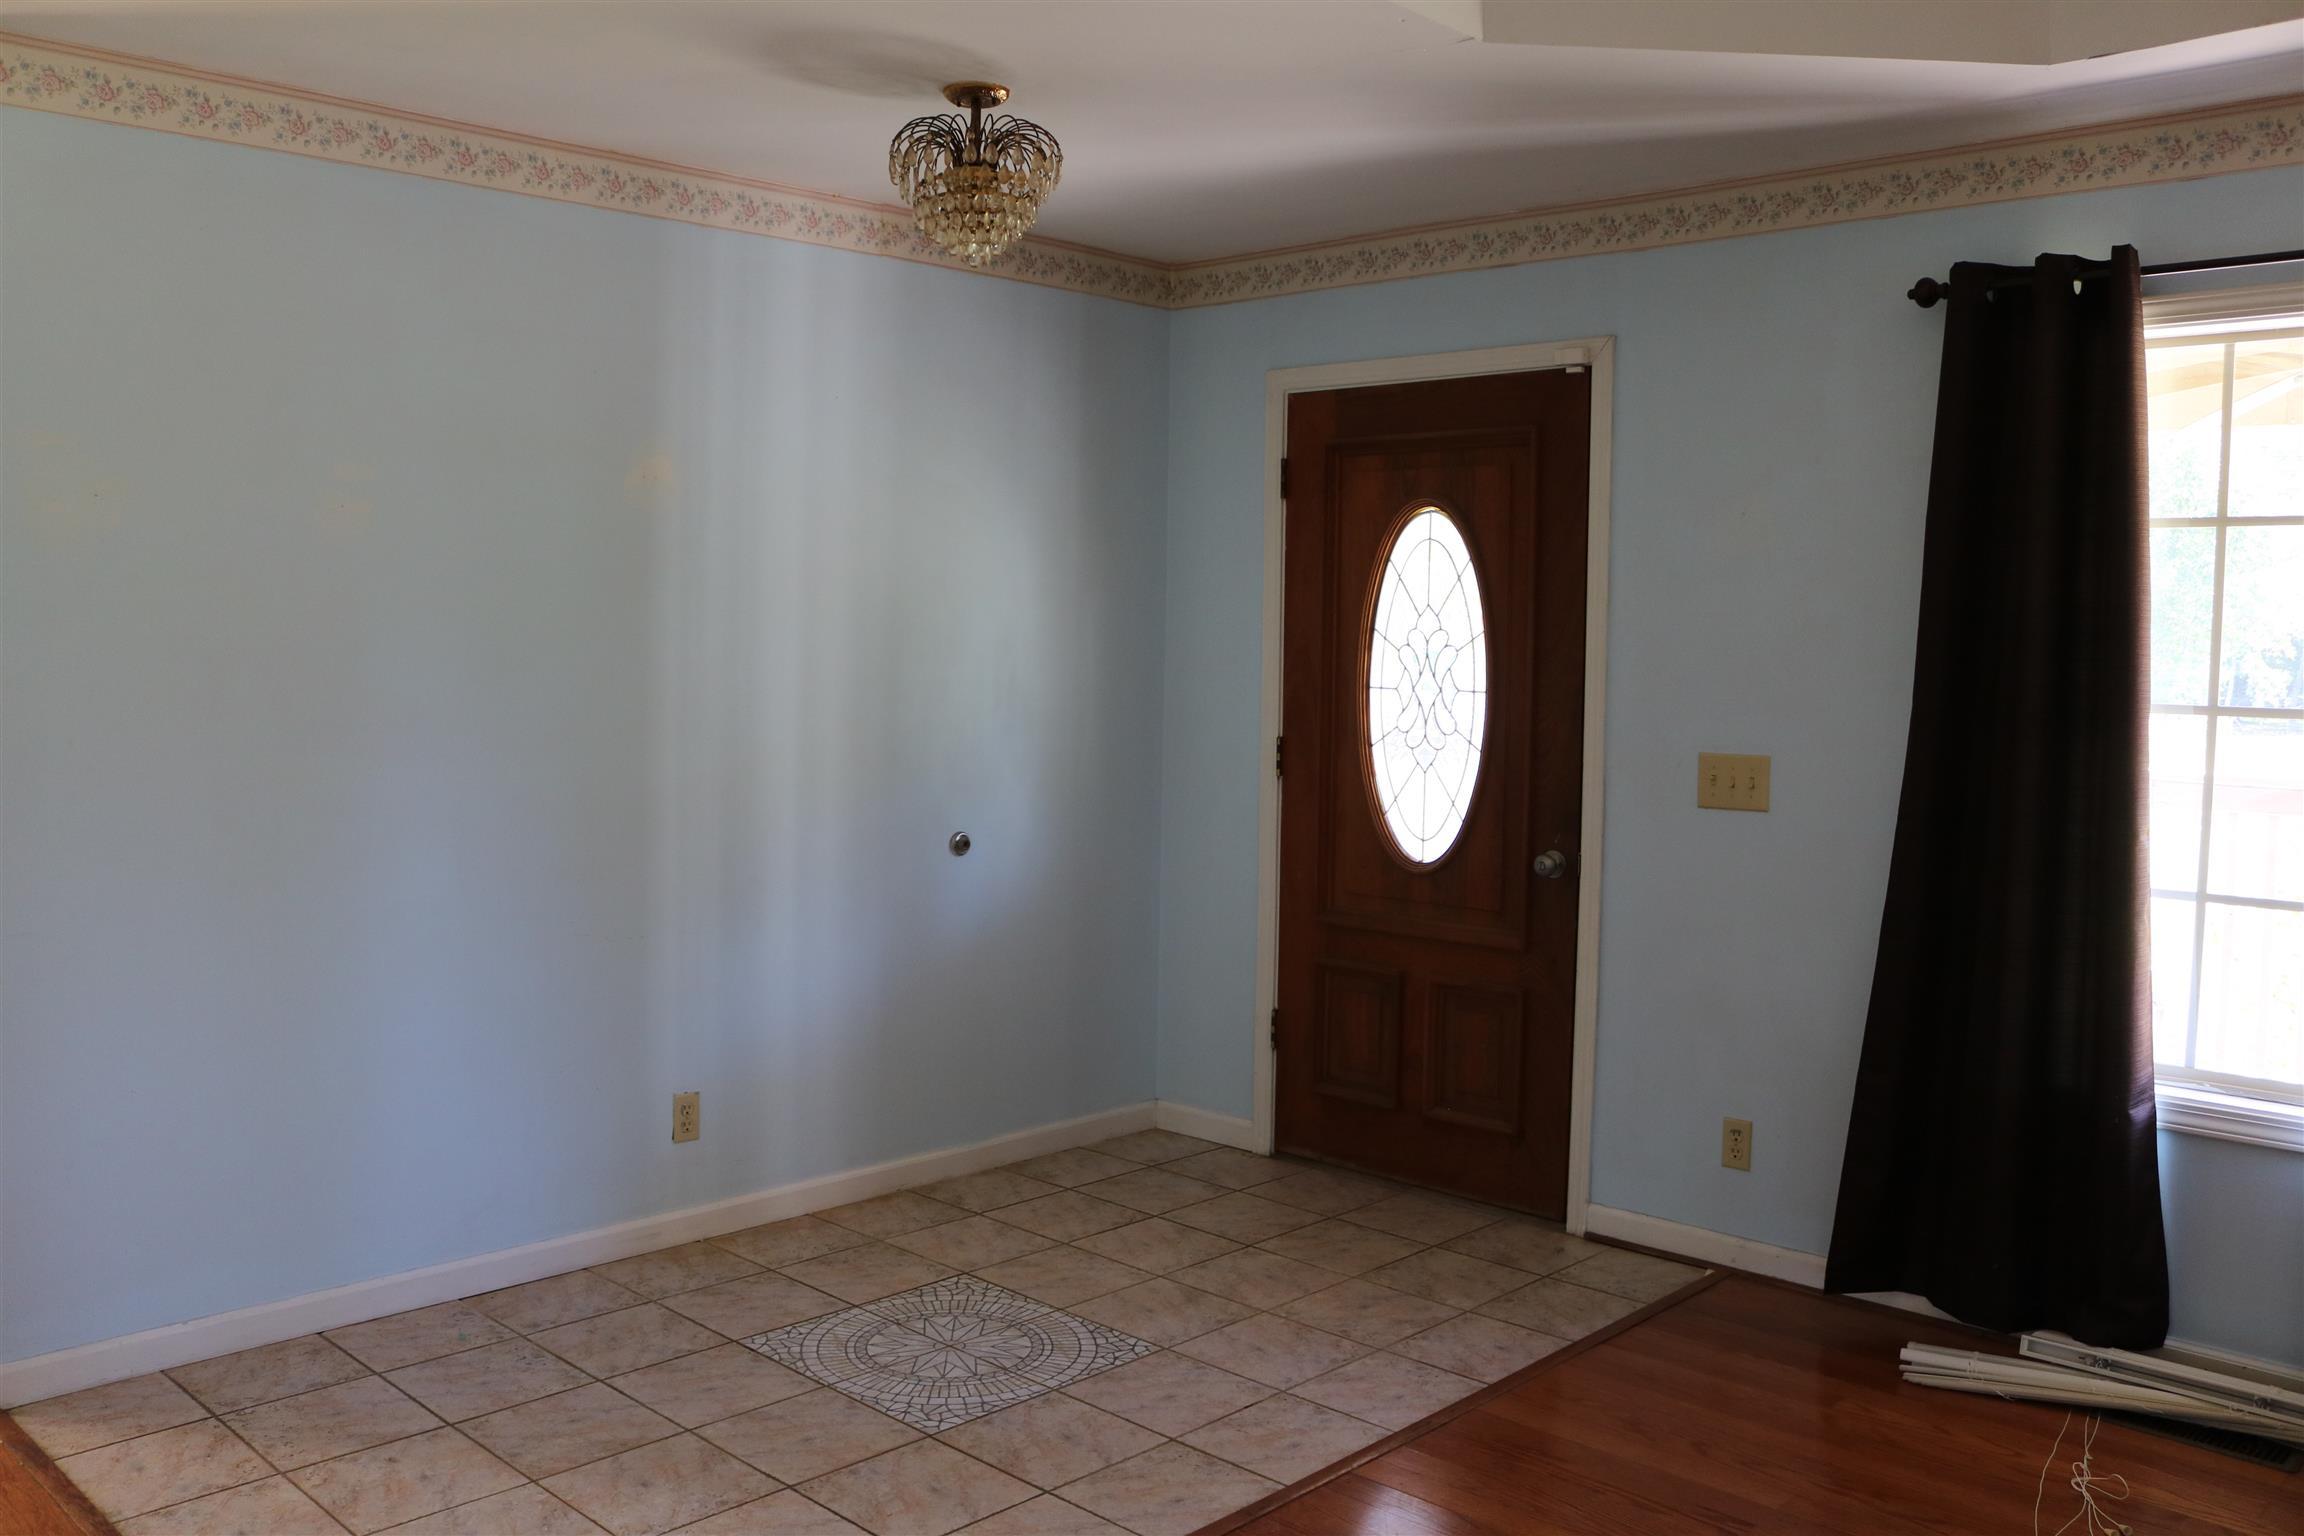 2452 Deans Shop Rd, Estill Springs, TN 37330 - Estill Springs, TN real estate listing